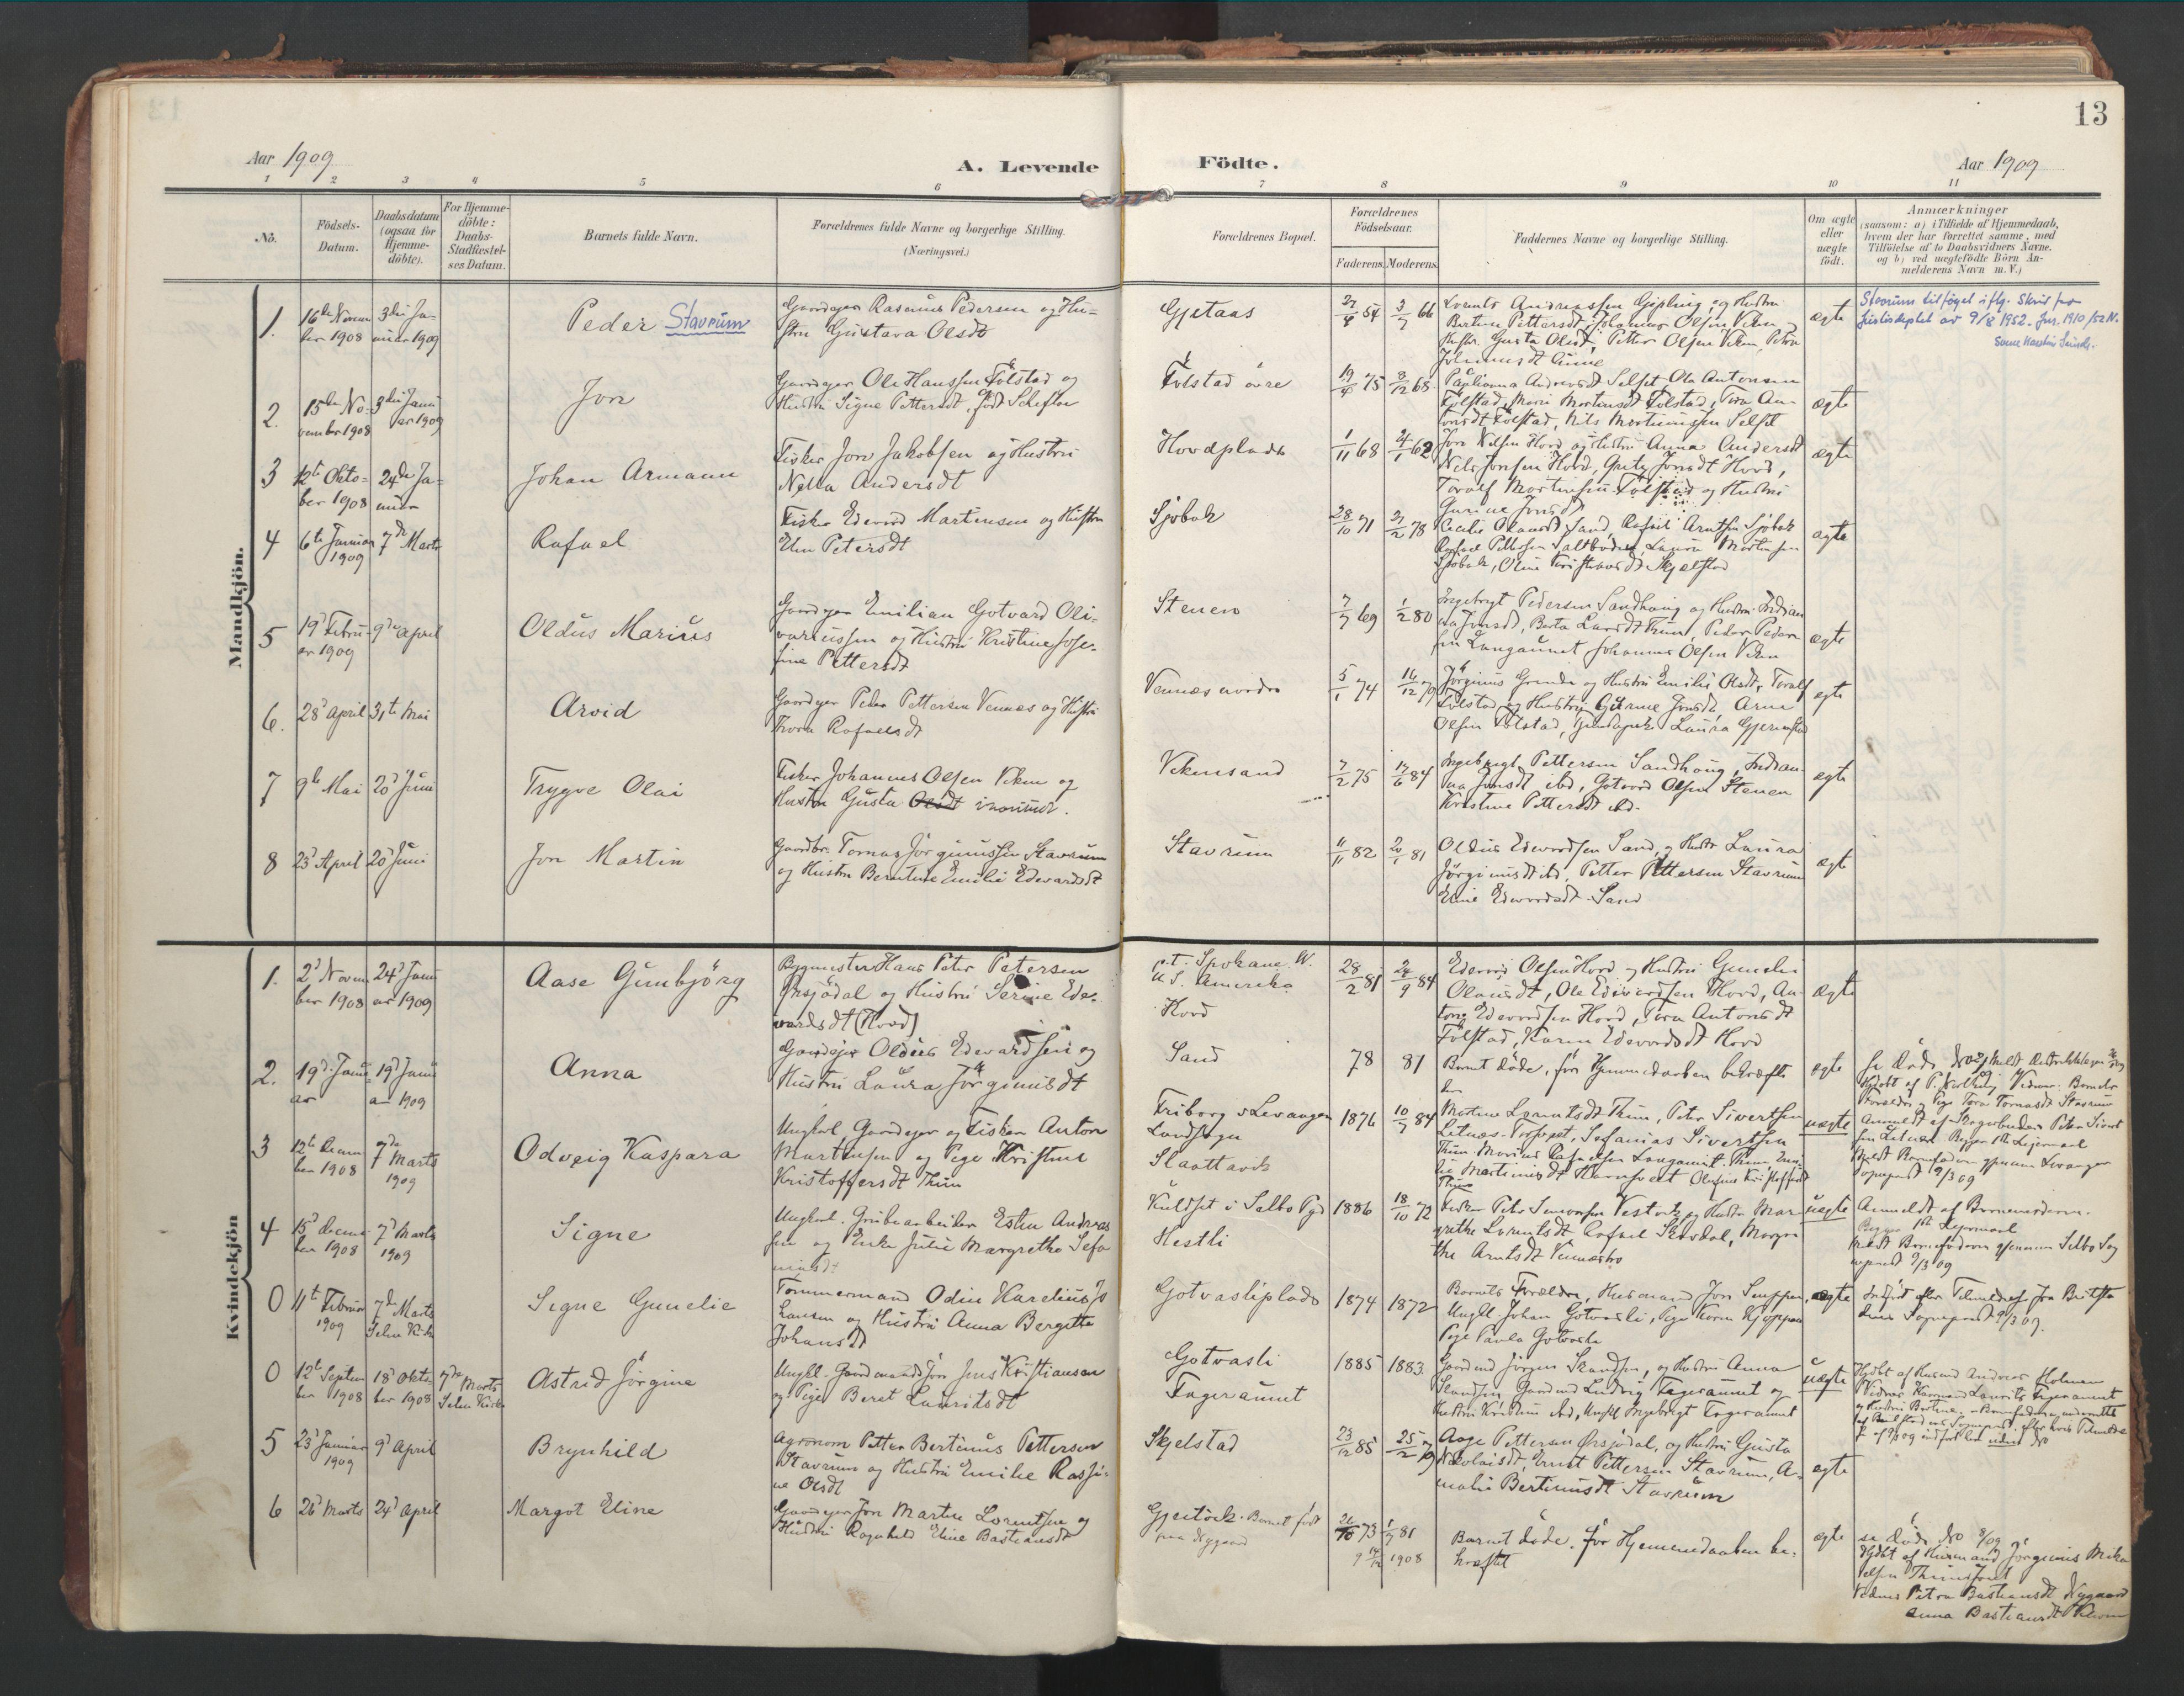 SAT, Ministerialprotokoller, klokkerbøker og fødselsregistre - Nord-Trøndelag, 744/L0421: Ministerialbok nr. 744A05, 1905-1930, s. 13